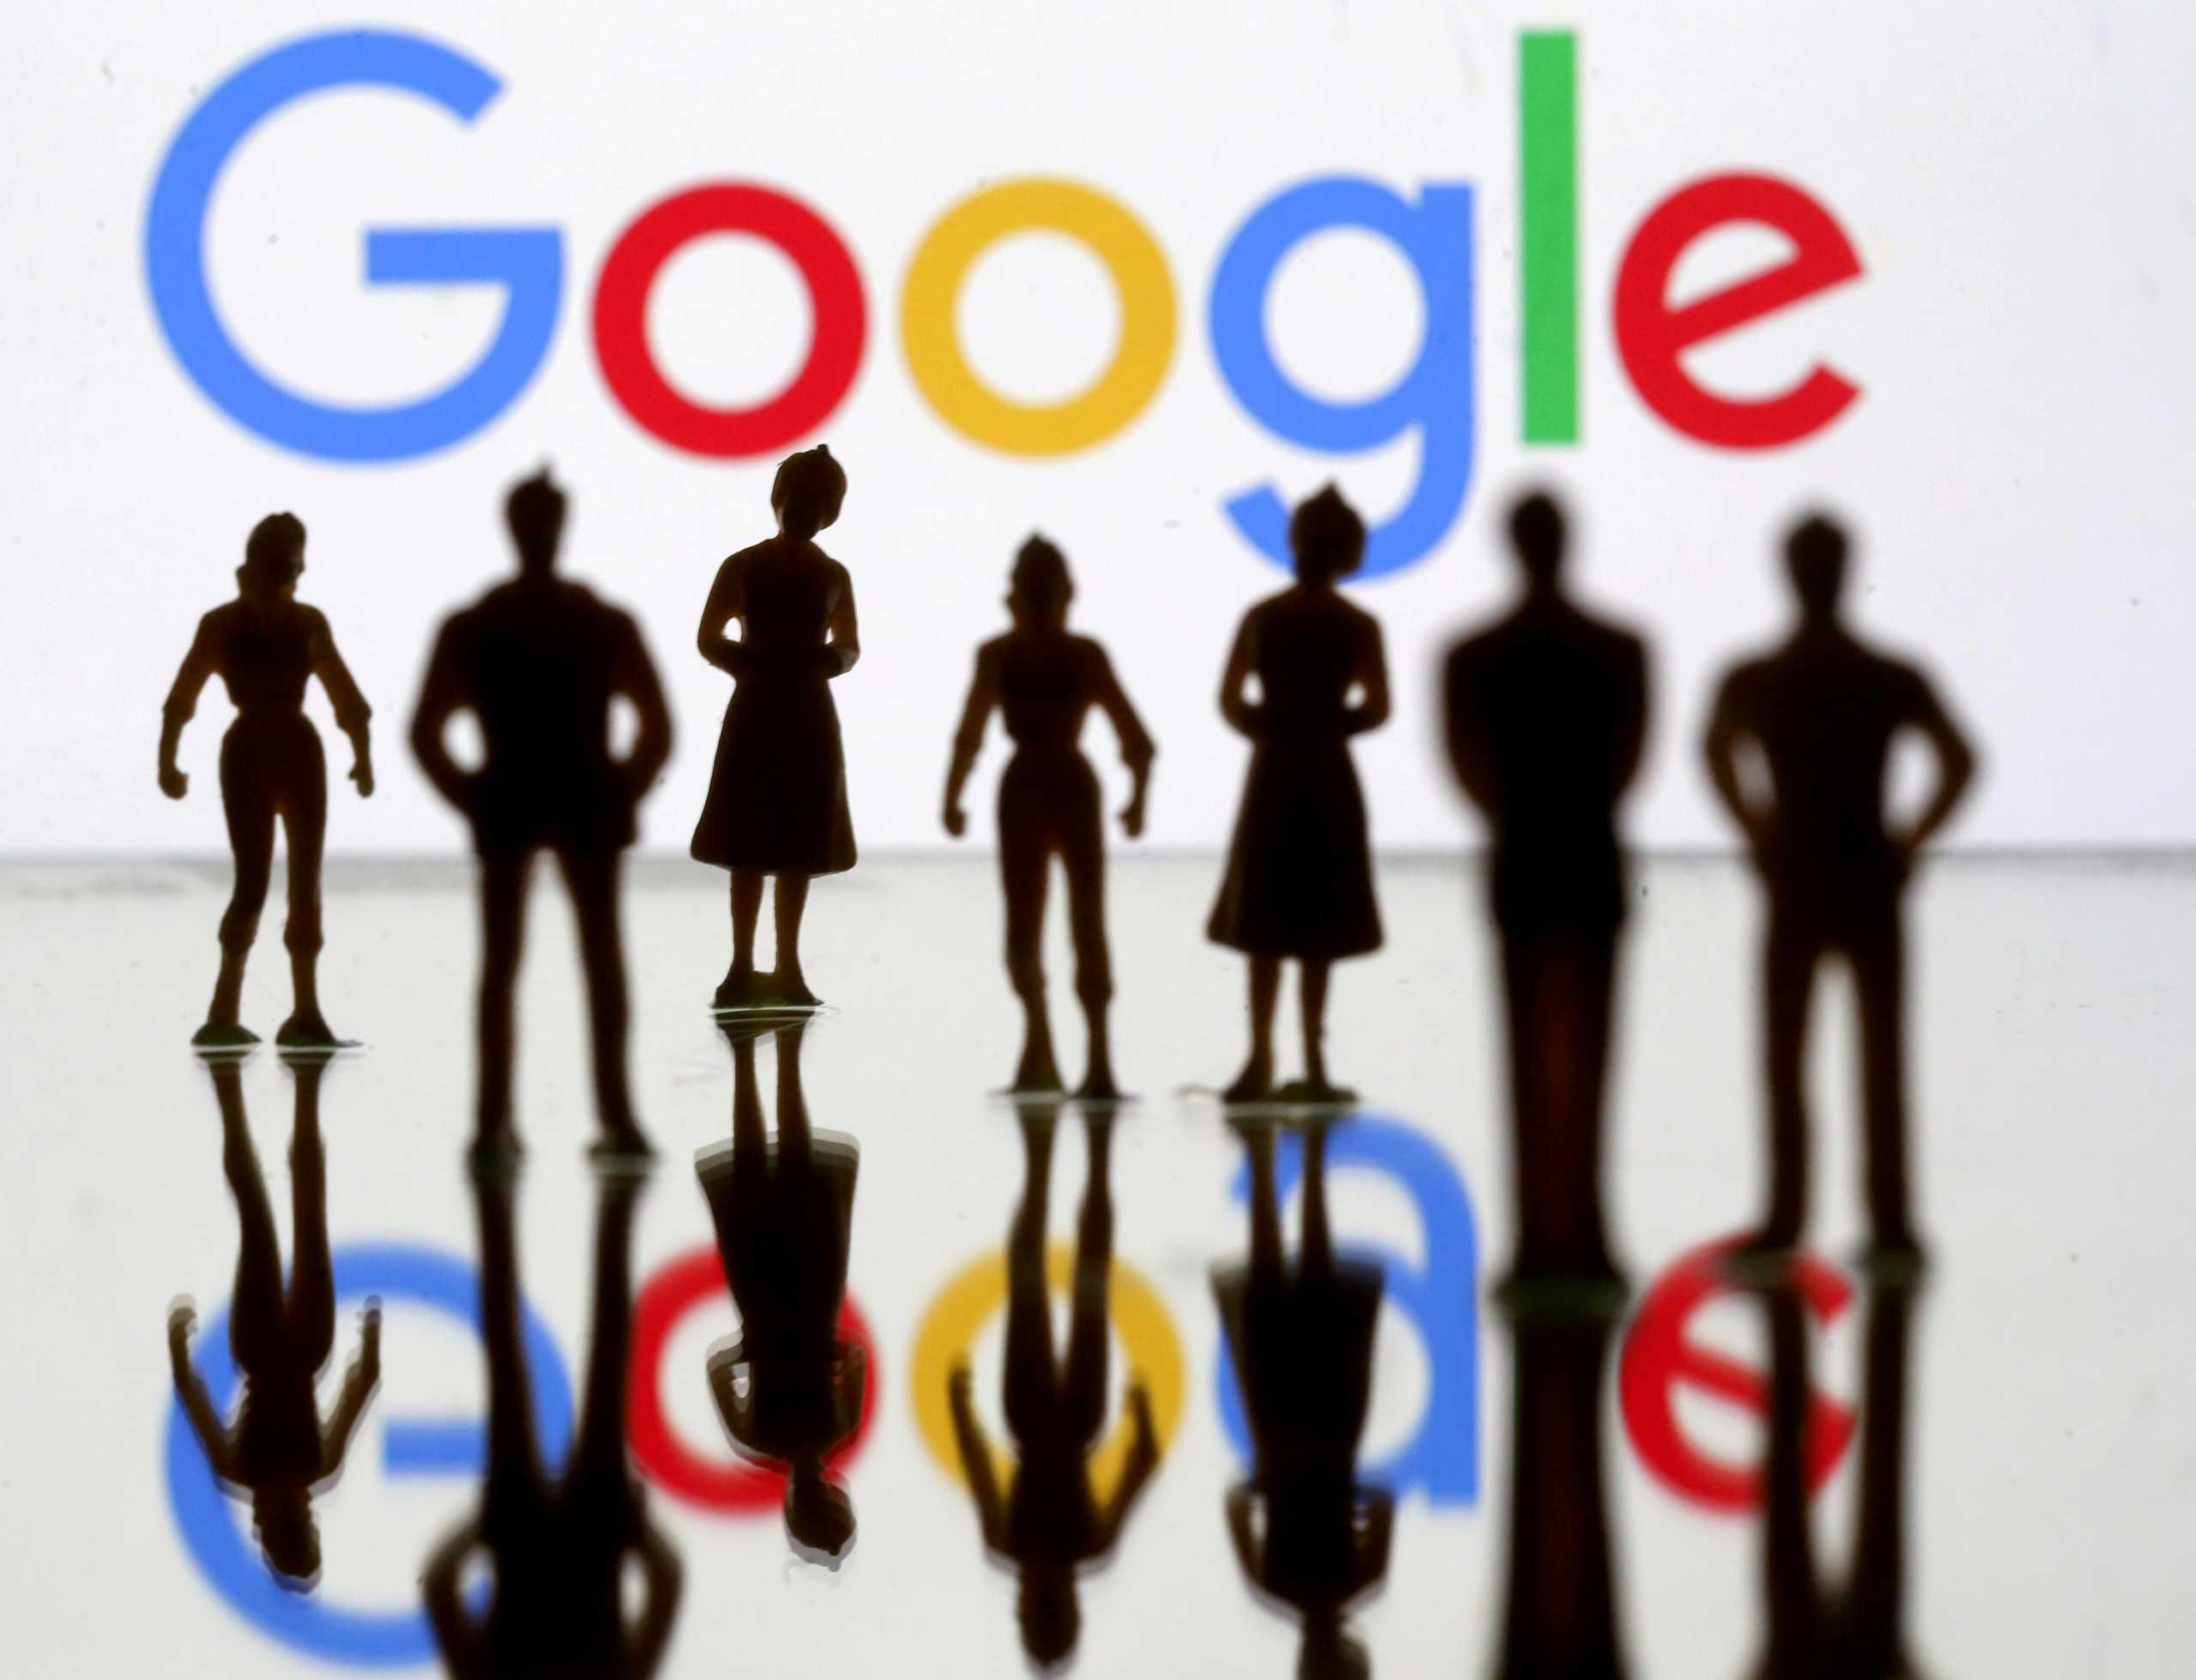 Τι έψαξαν στο Google οι Έλληνες το 2020: Τσιόδρας, τηλεκπαίδευση και ένας «άγνωστος» καφές